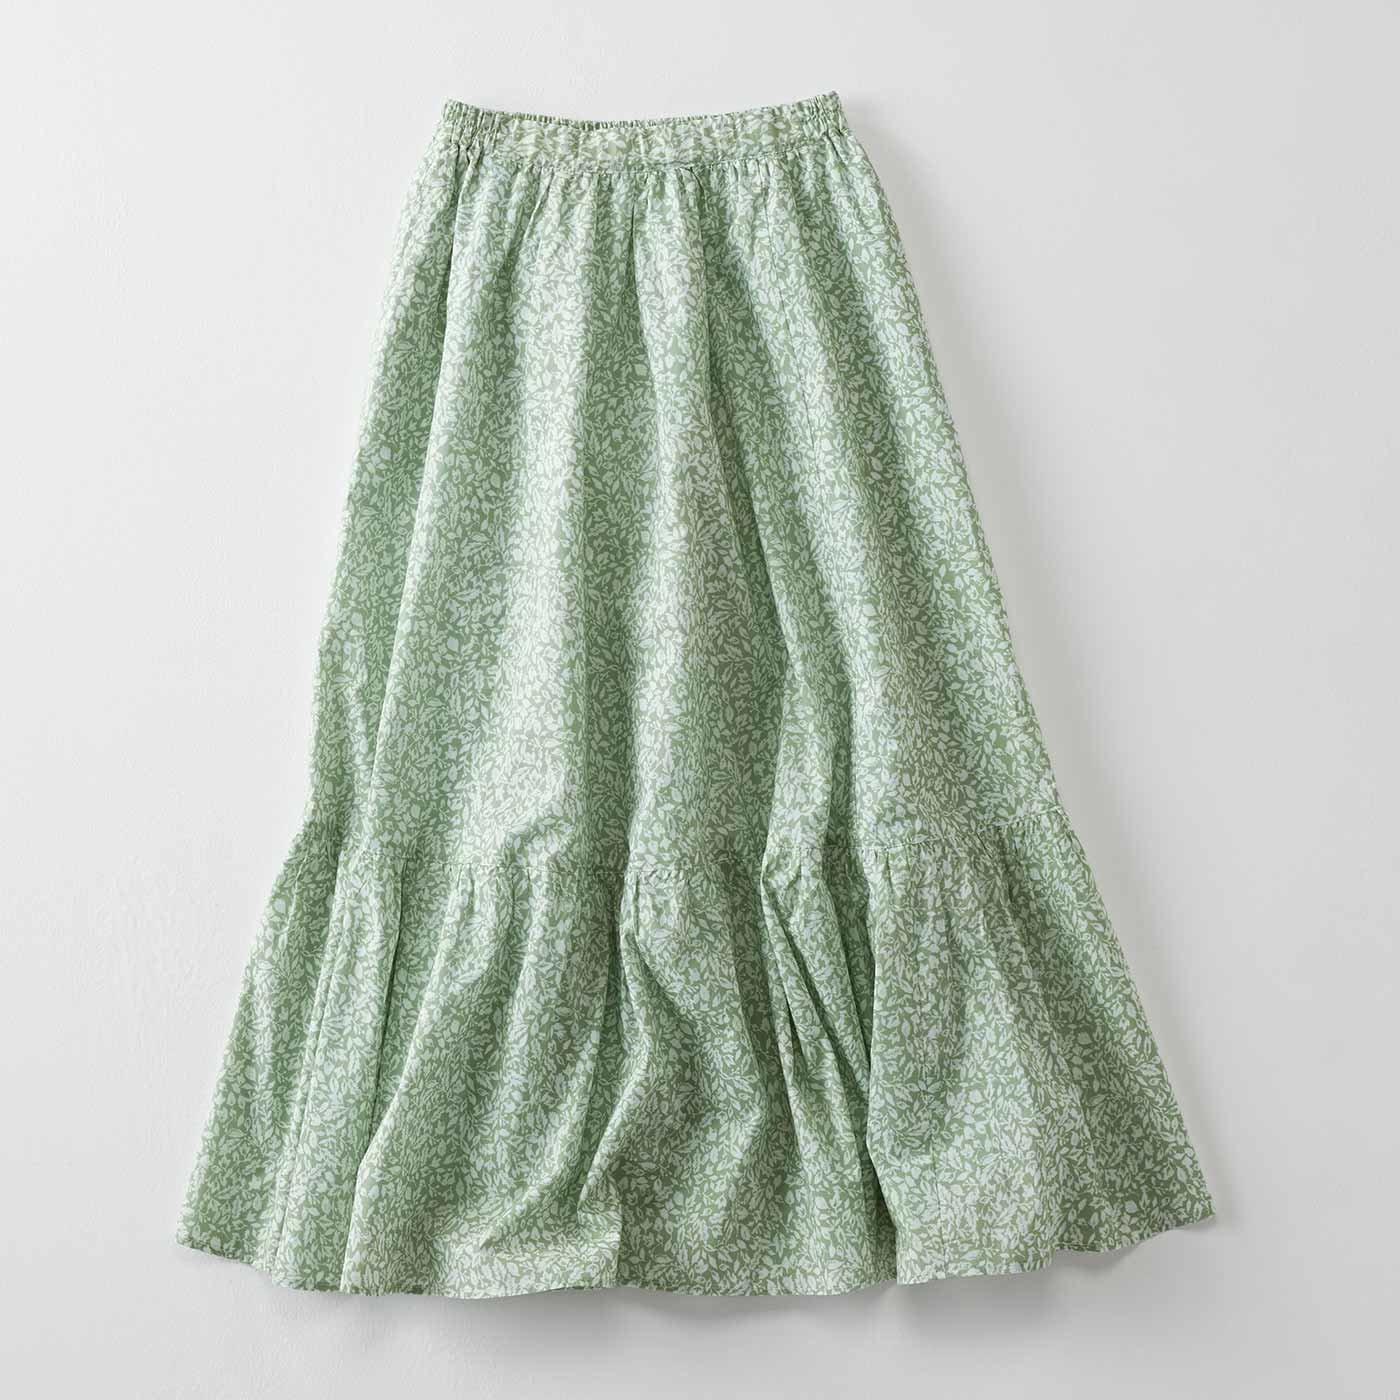 IEDIT[イディット] 小森美穂子さんコラボ ツートーン柄が大人なフレッシュカラーのフレアーロングスカート〈グリーン〉